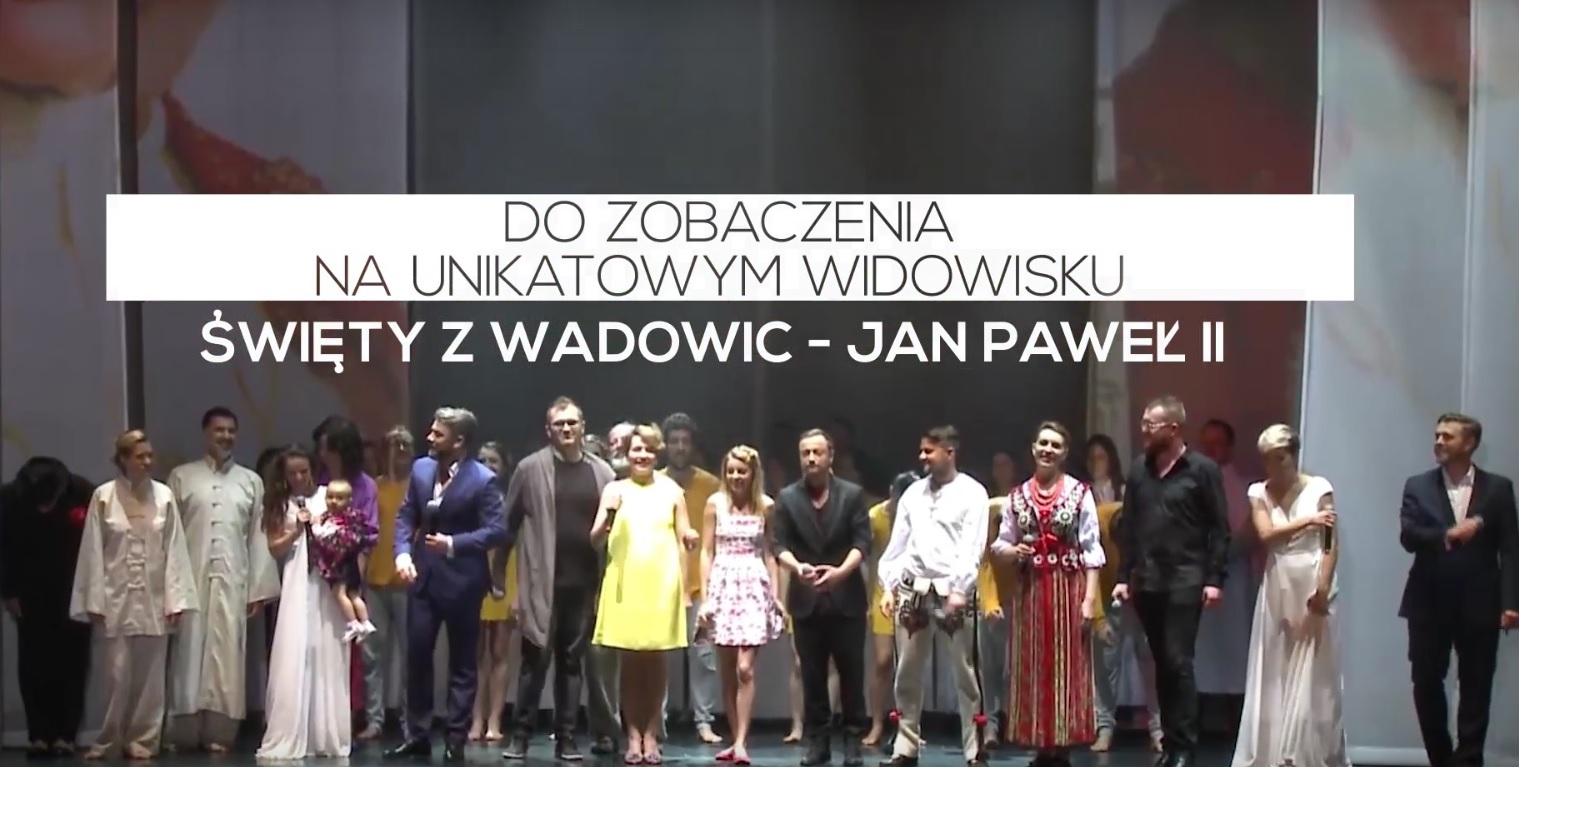 PRZYBYWAJCIE - Widowisko ŚWIĘTY z Wadowic–Jan Paweł II - Stary Sącz - 16.06.2018 - 19 rocznica wizyty Papieża